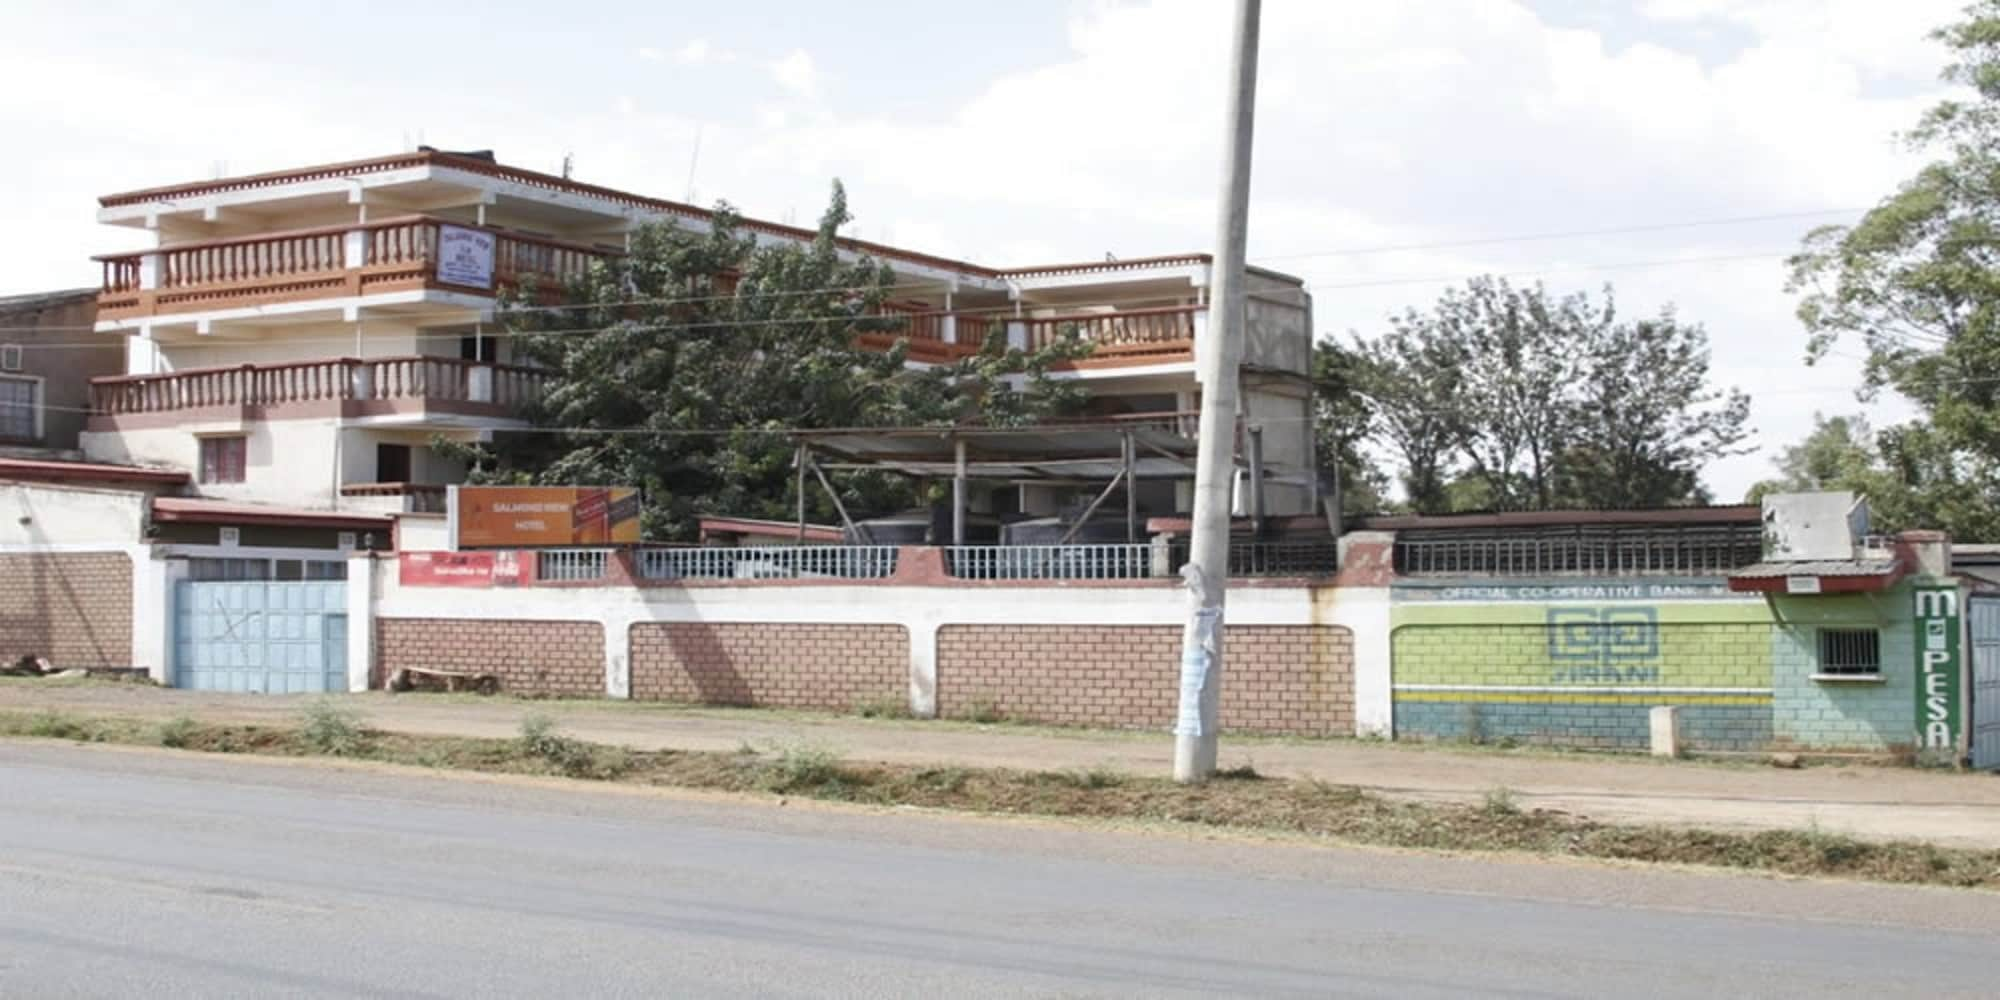 Salmond View Hotel, Kanduyi